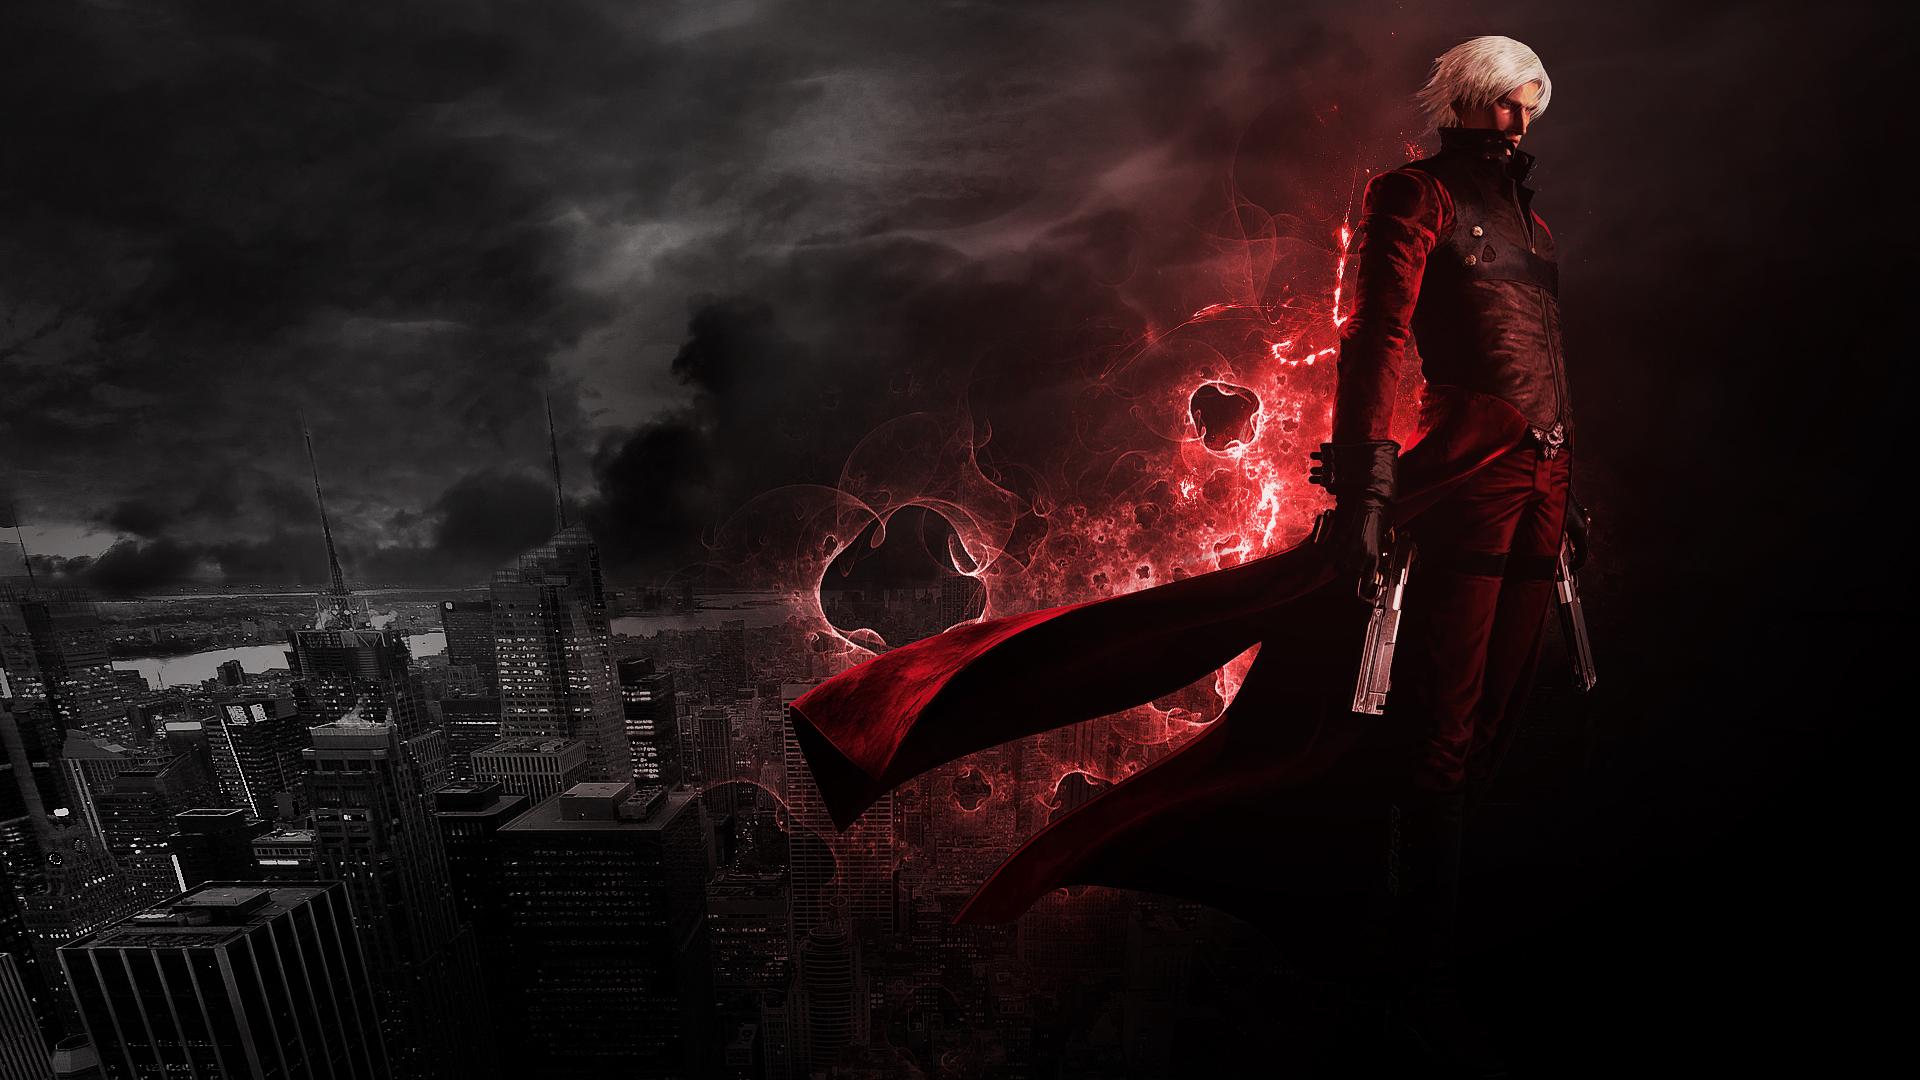 Devil May Cry 2 Dante Full HD Desktop Wallpapers 1080p 1920x1080